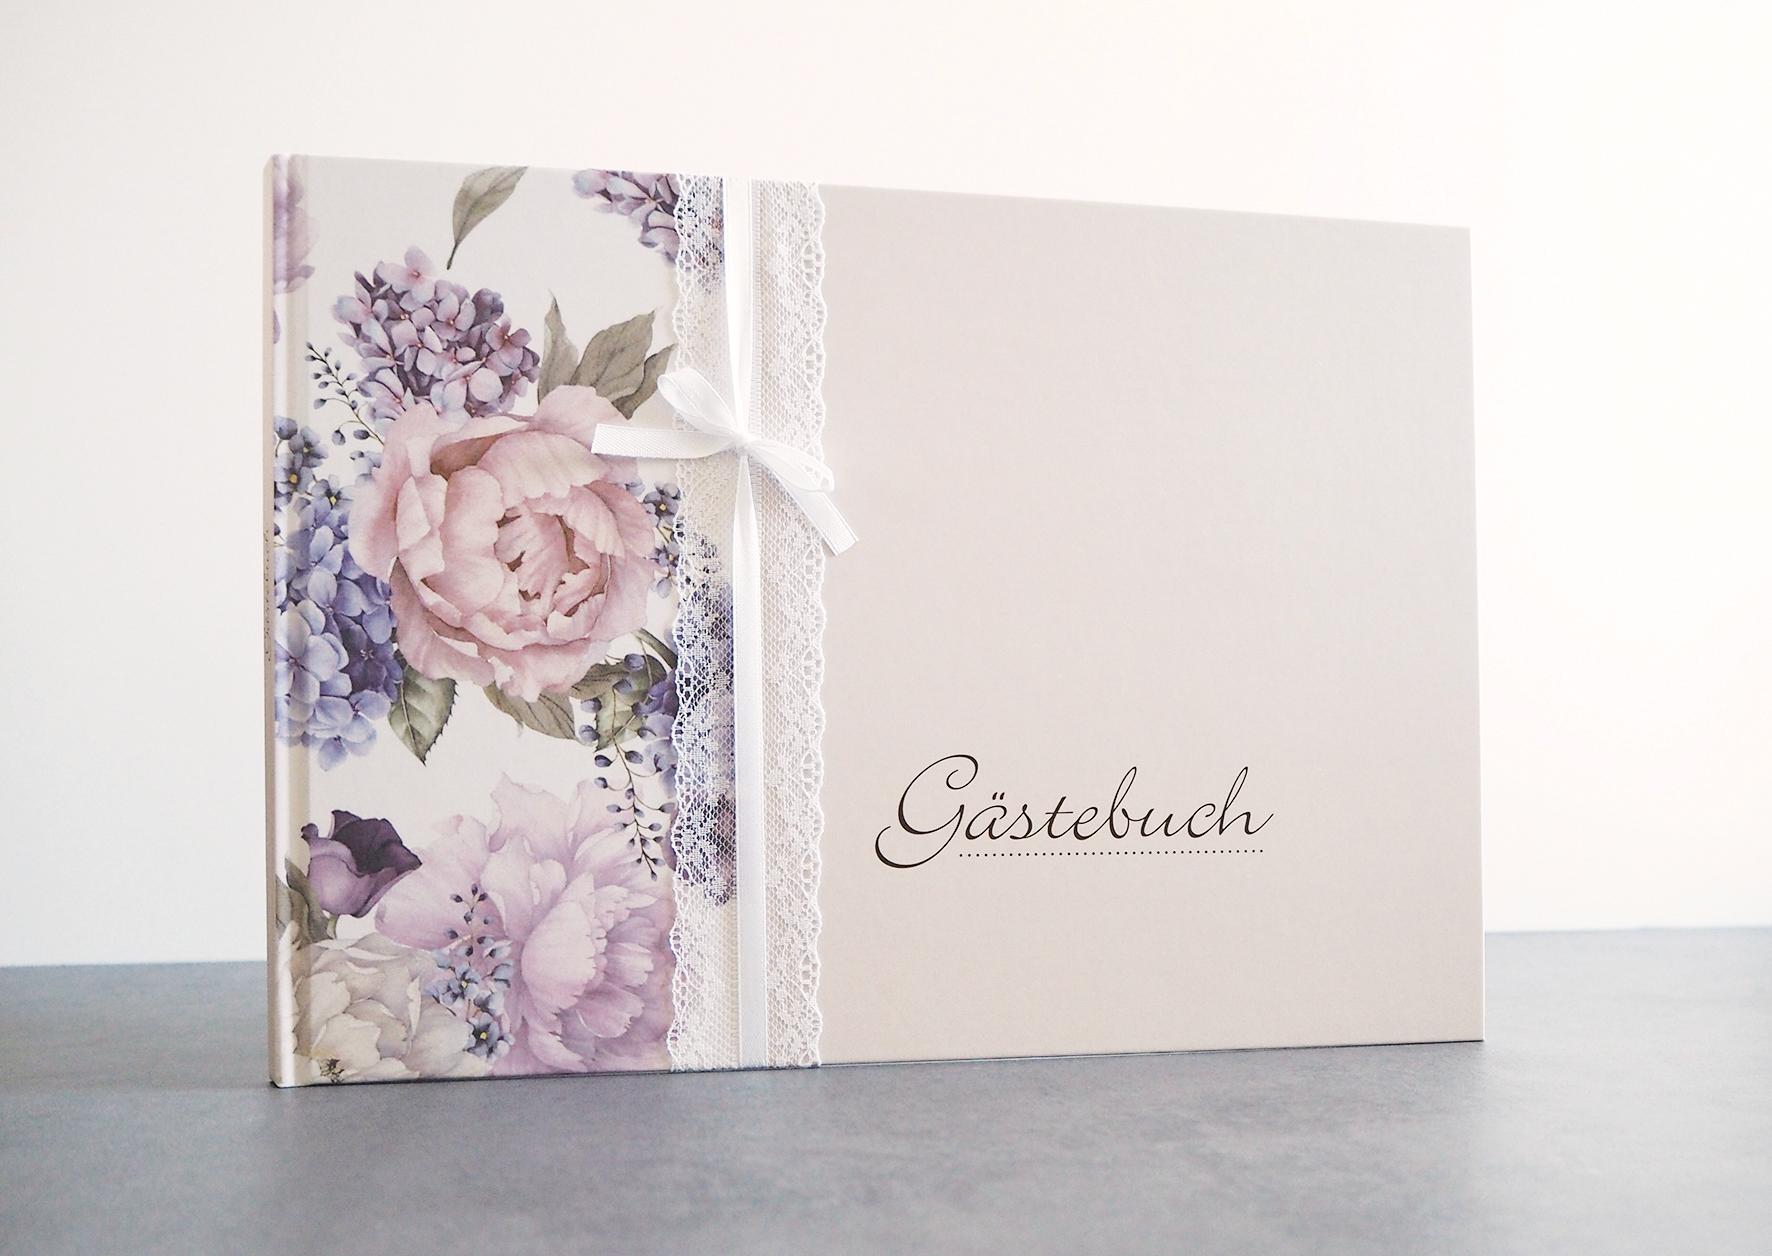 Gästebuch - Blumen (mit Fragen)